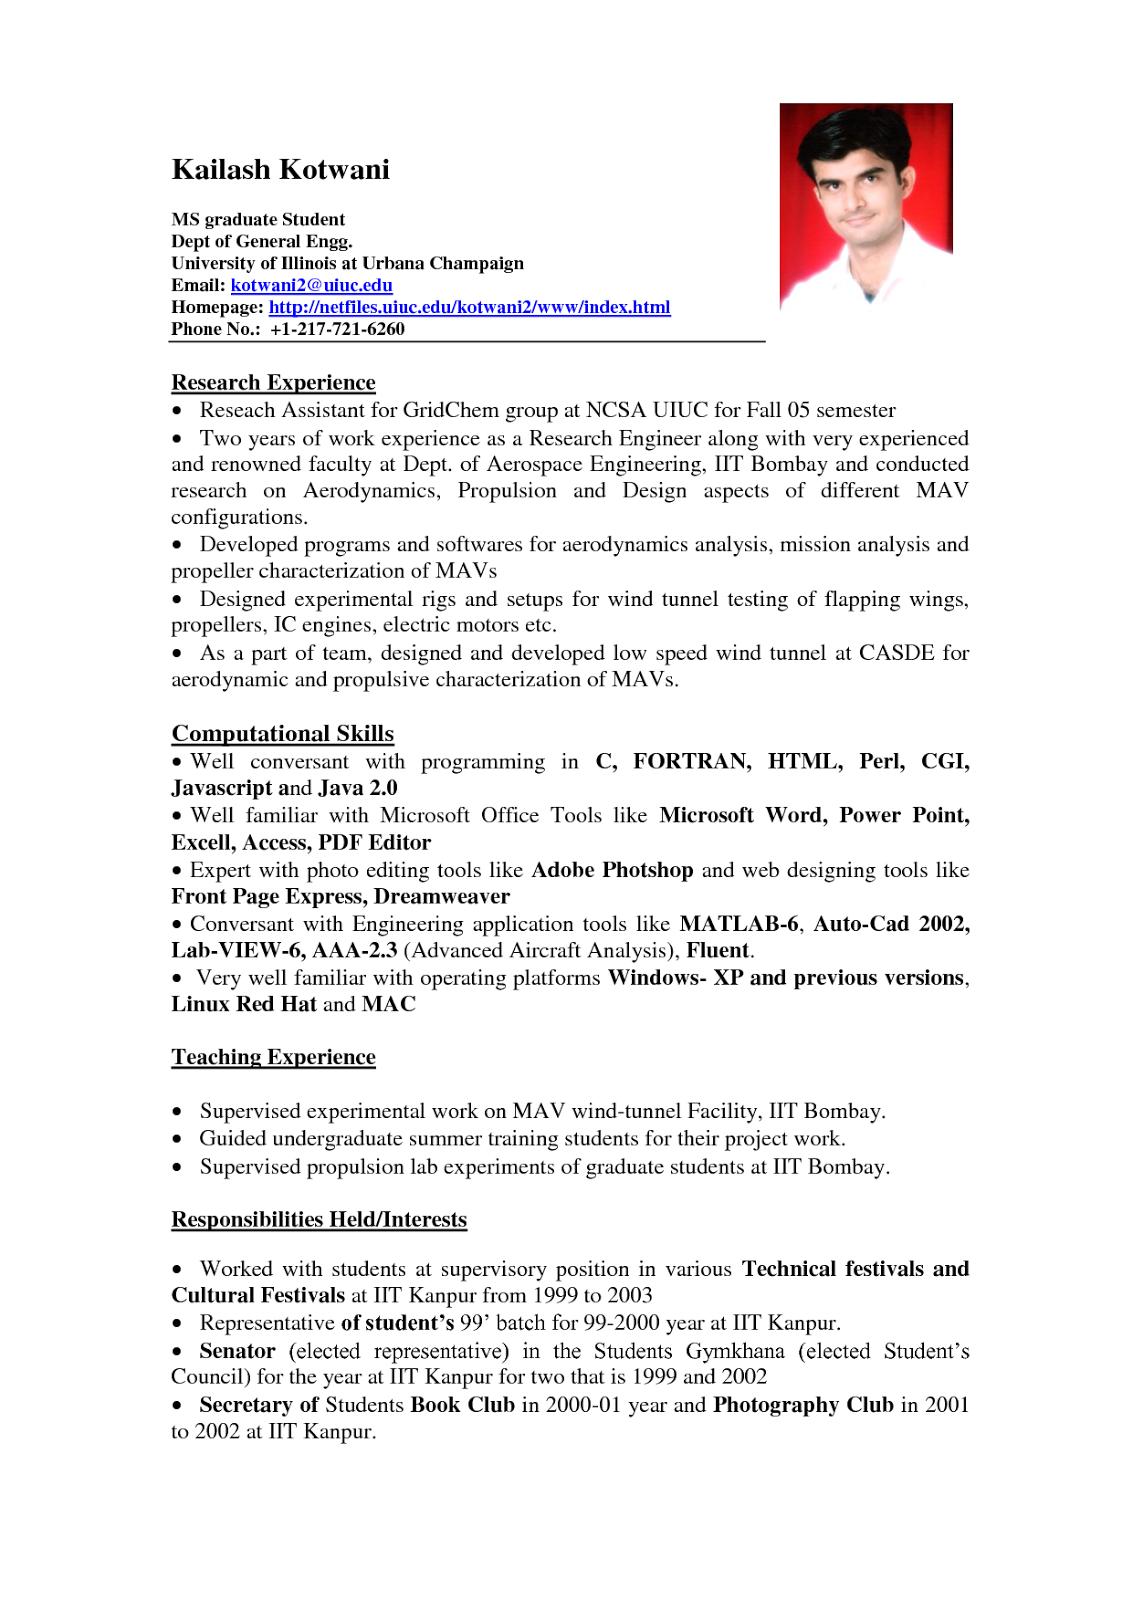 resume style examples resume style examples makemoney alex tk